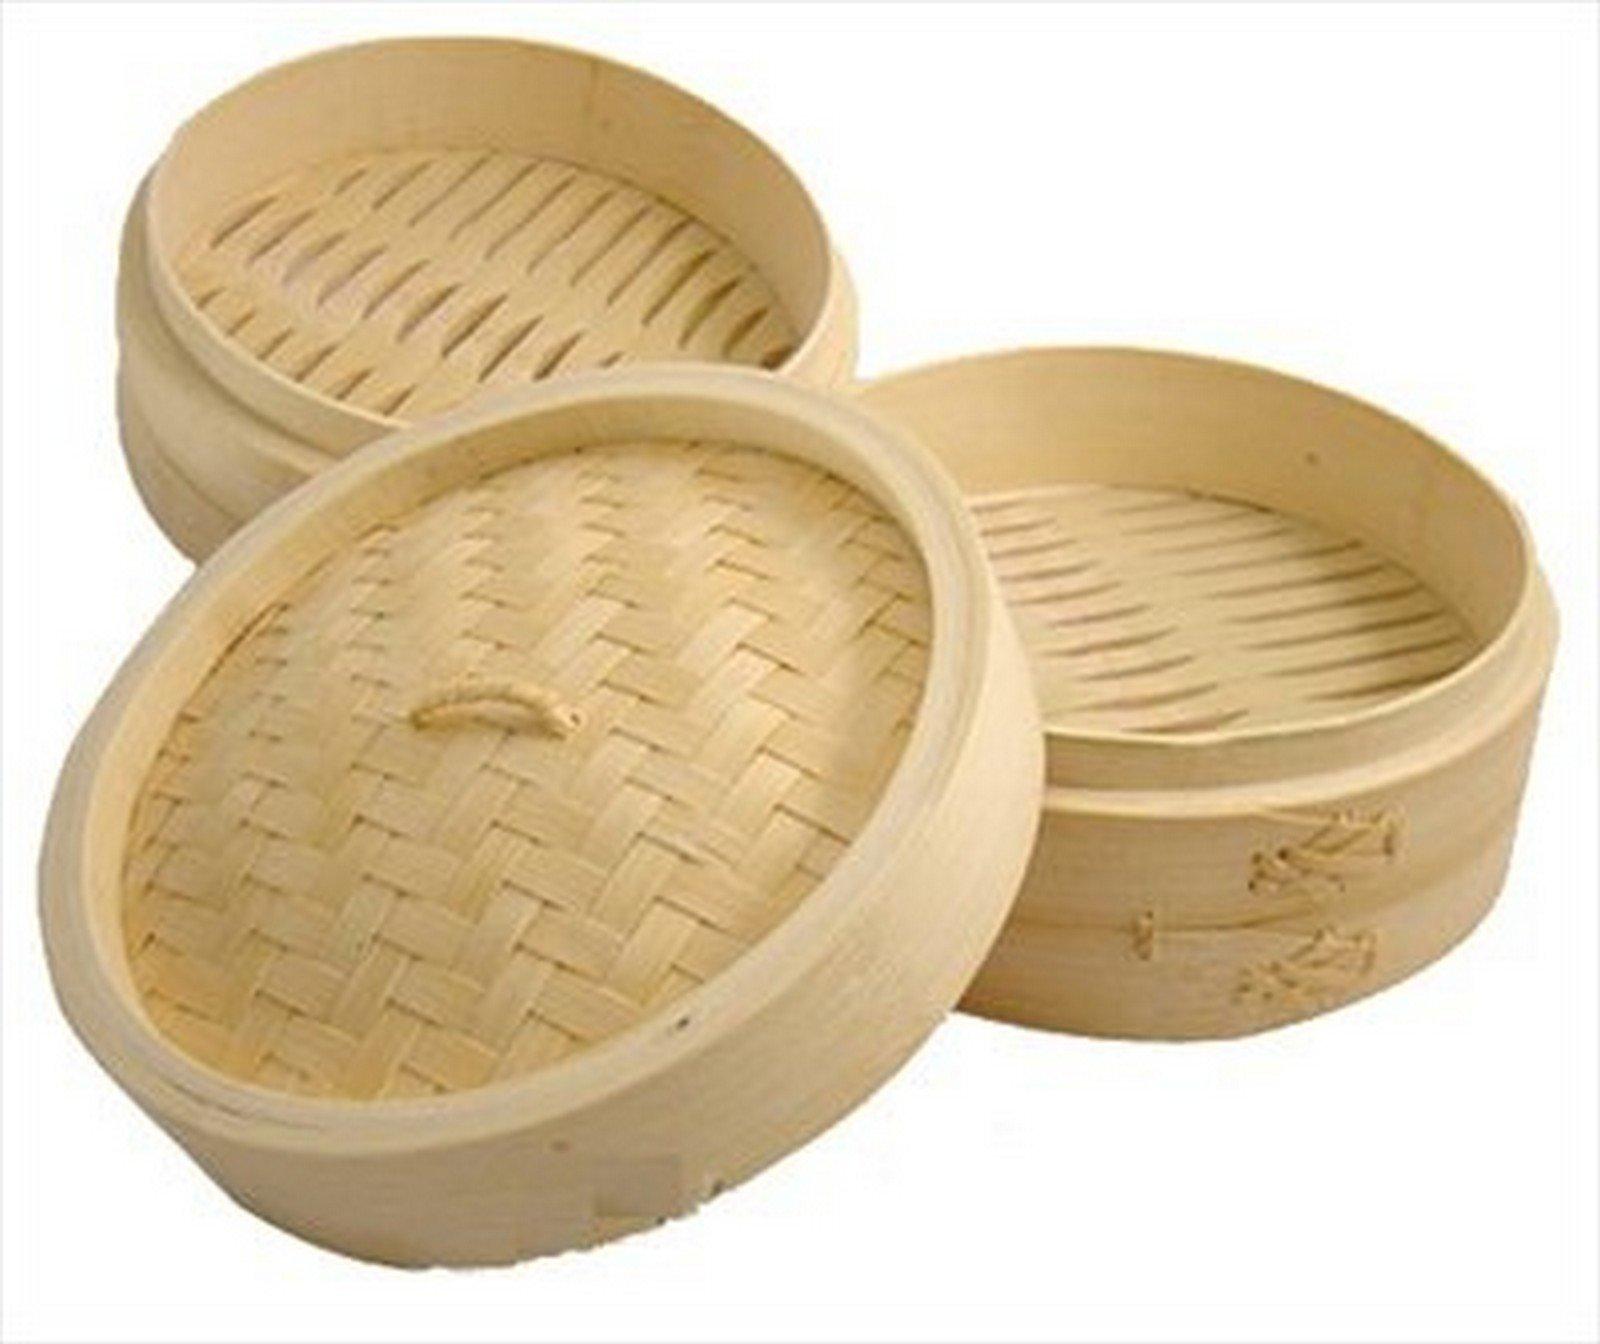 JapanBargain-Asian Kitchen Bamboo Steamer, 12-Inch